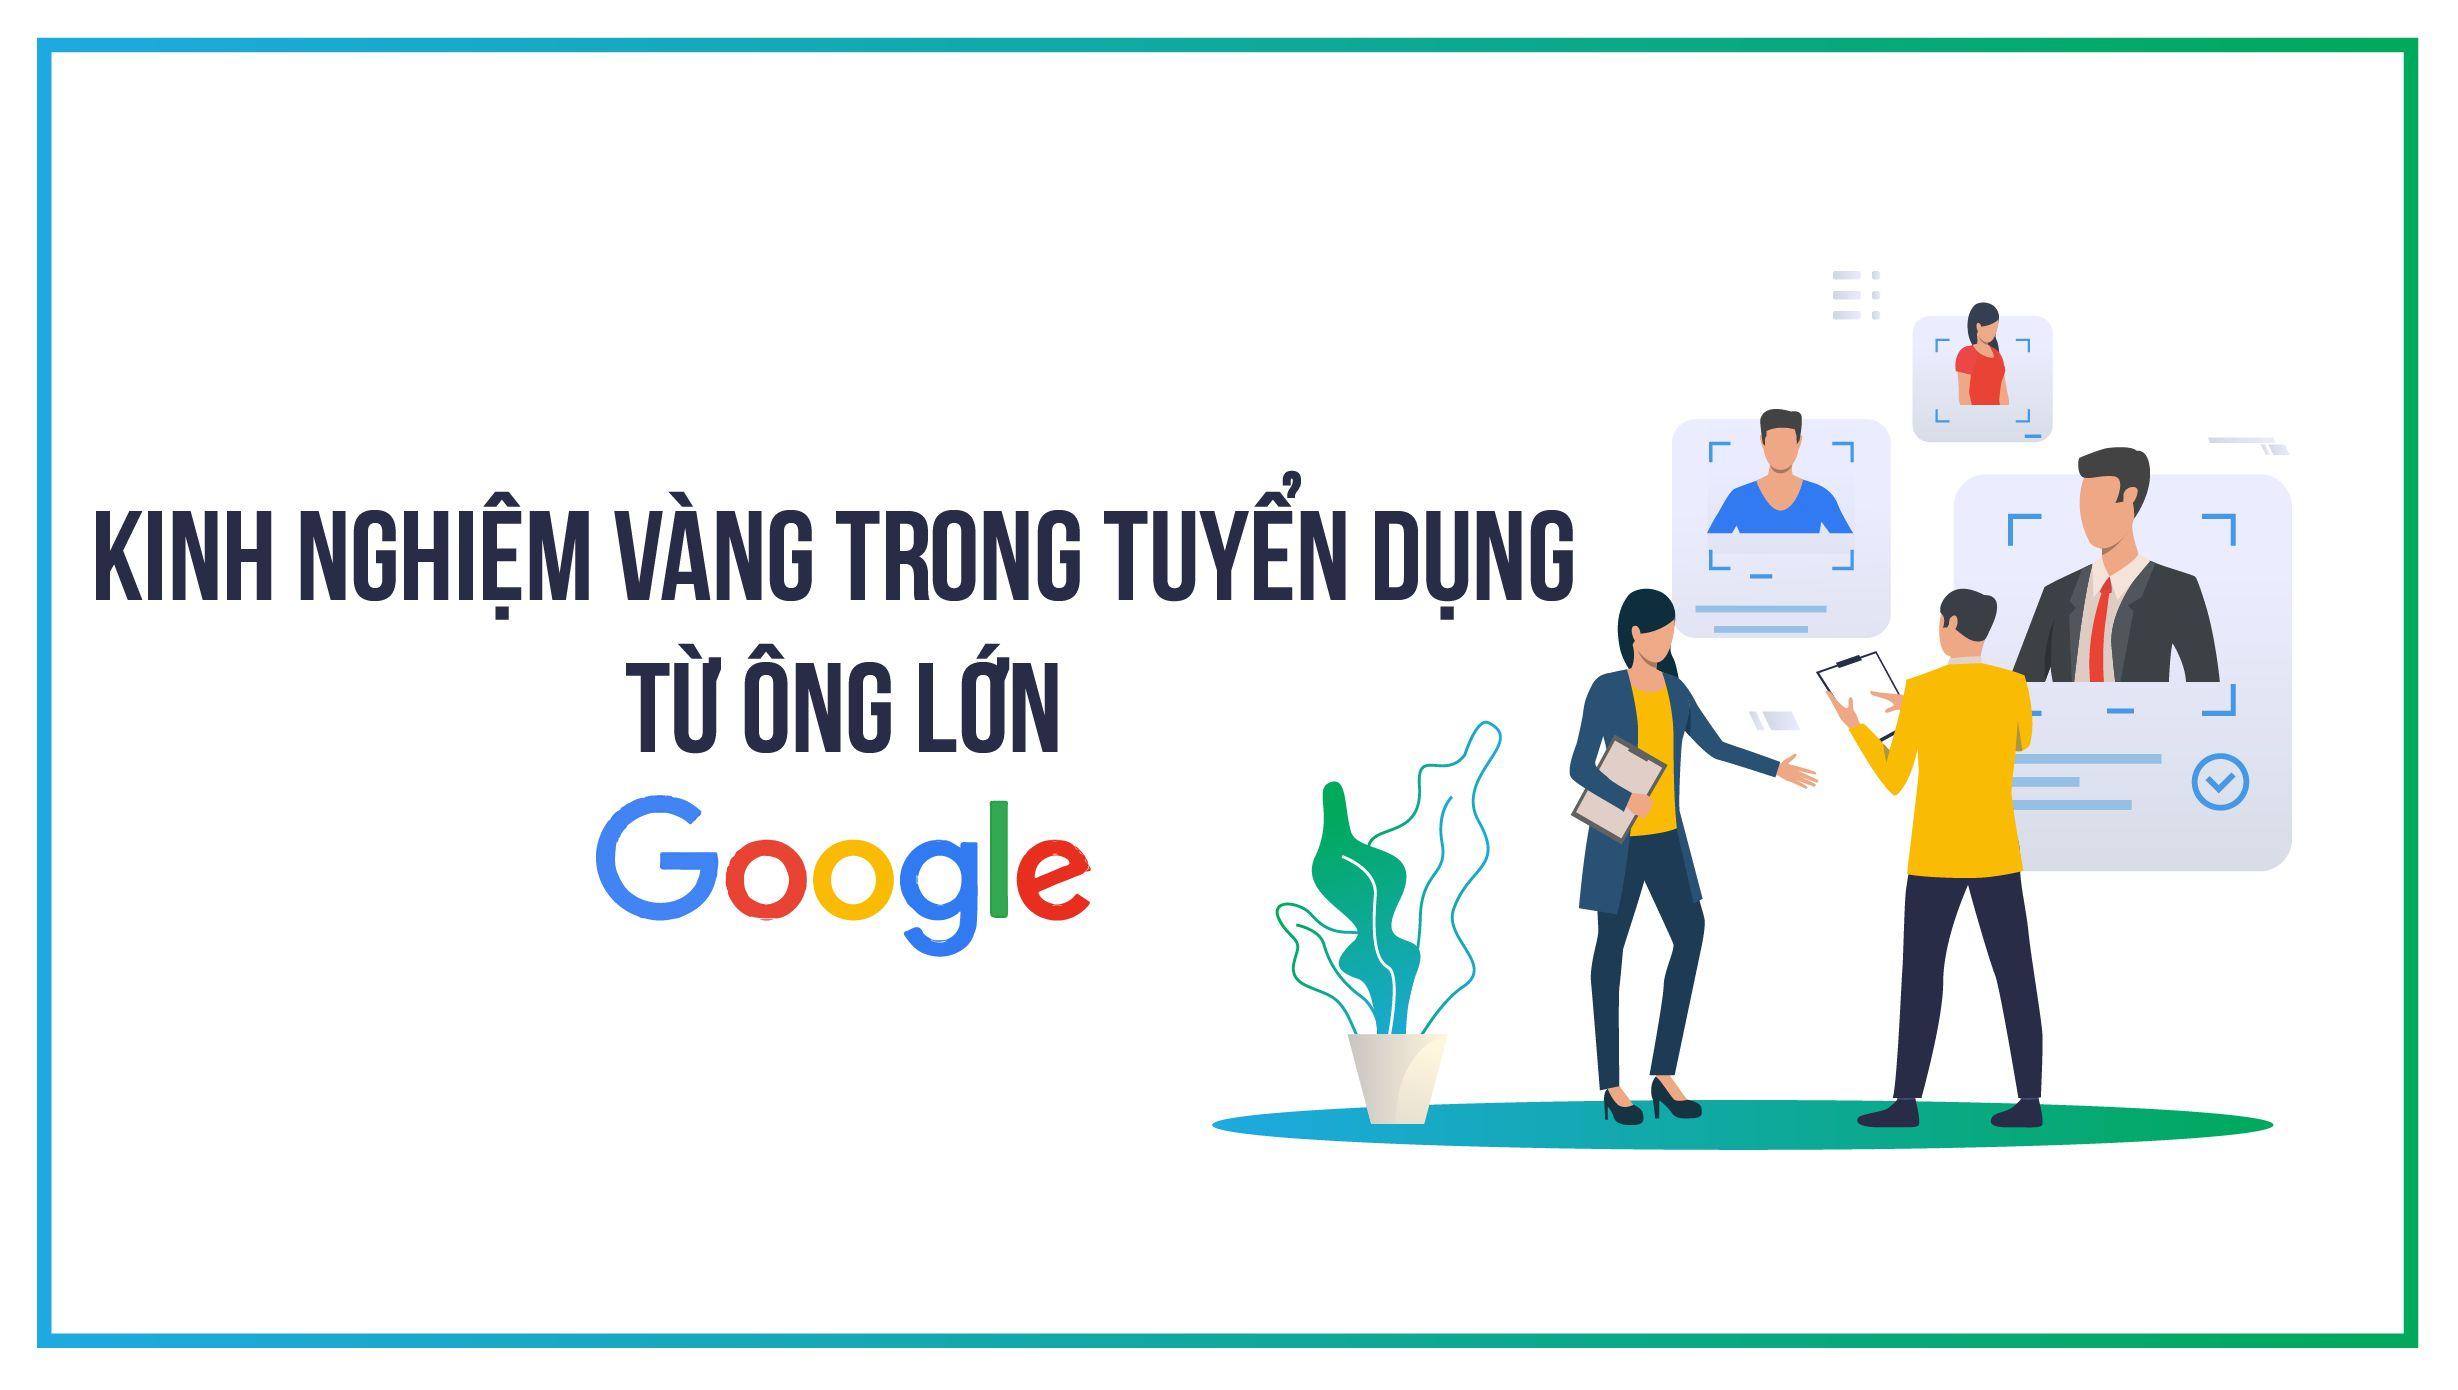 Học hỏi kinh nghiệm vàng trong tuyển dụng từ ông lớn Google